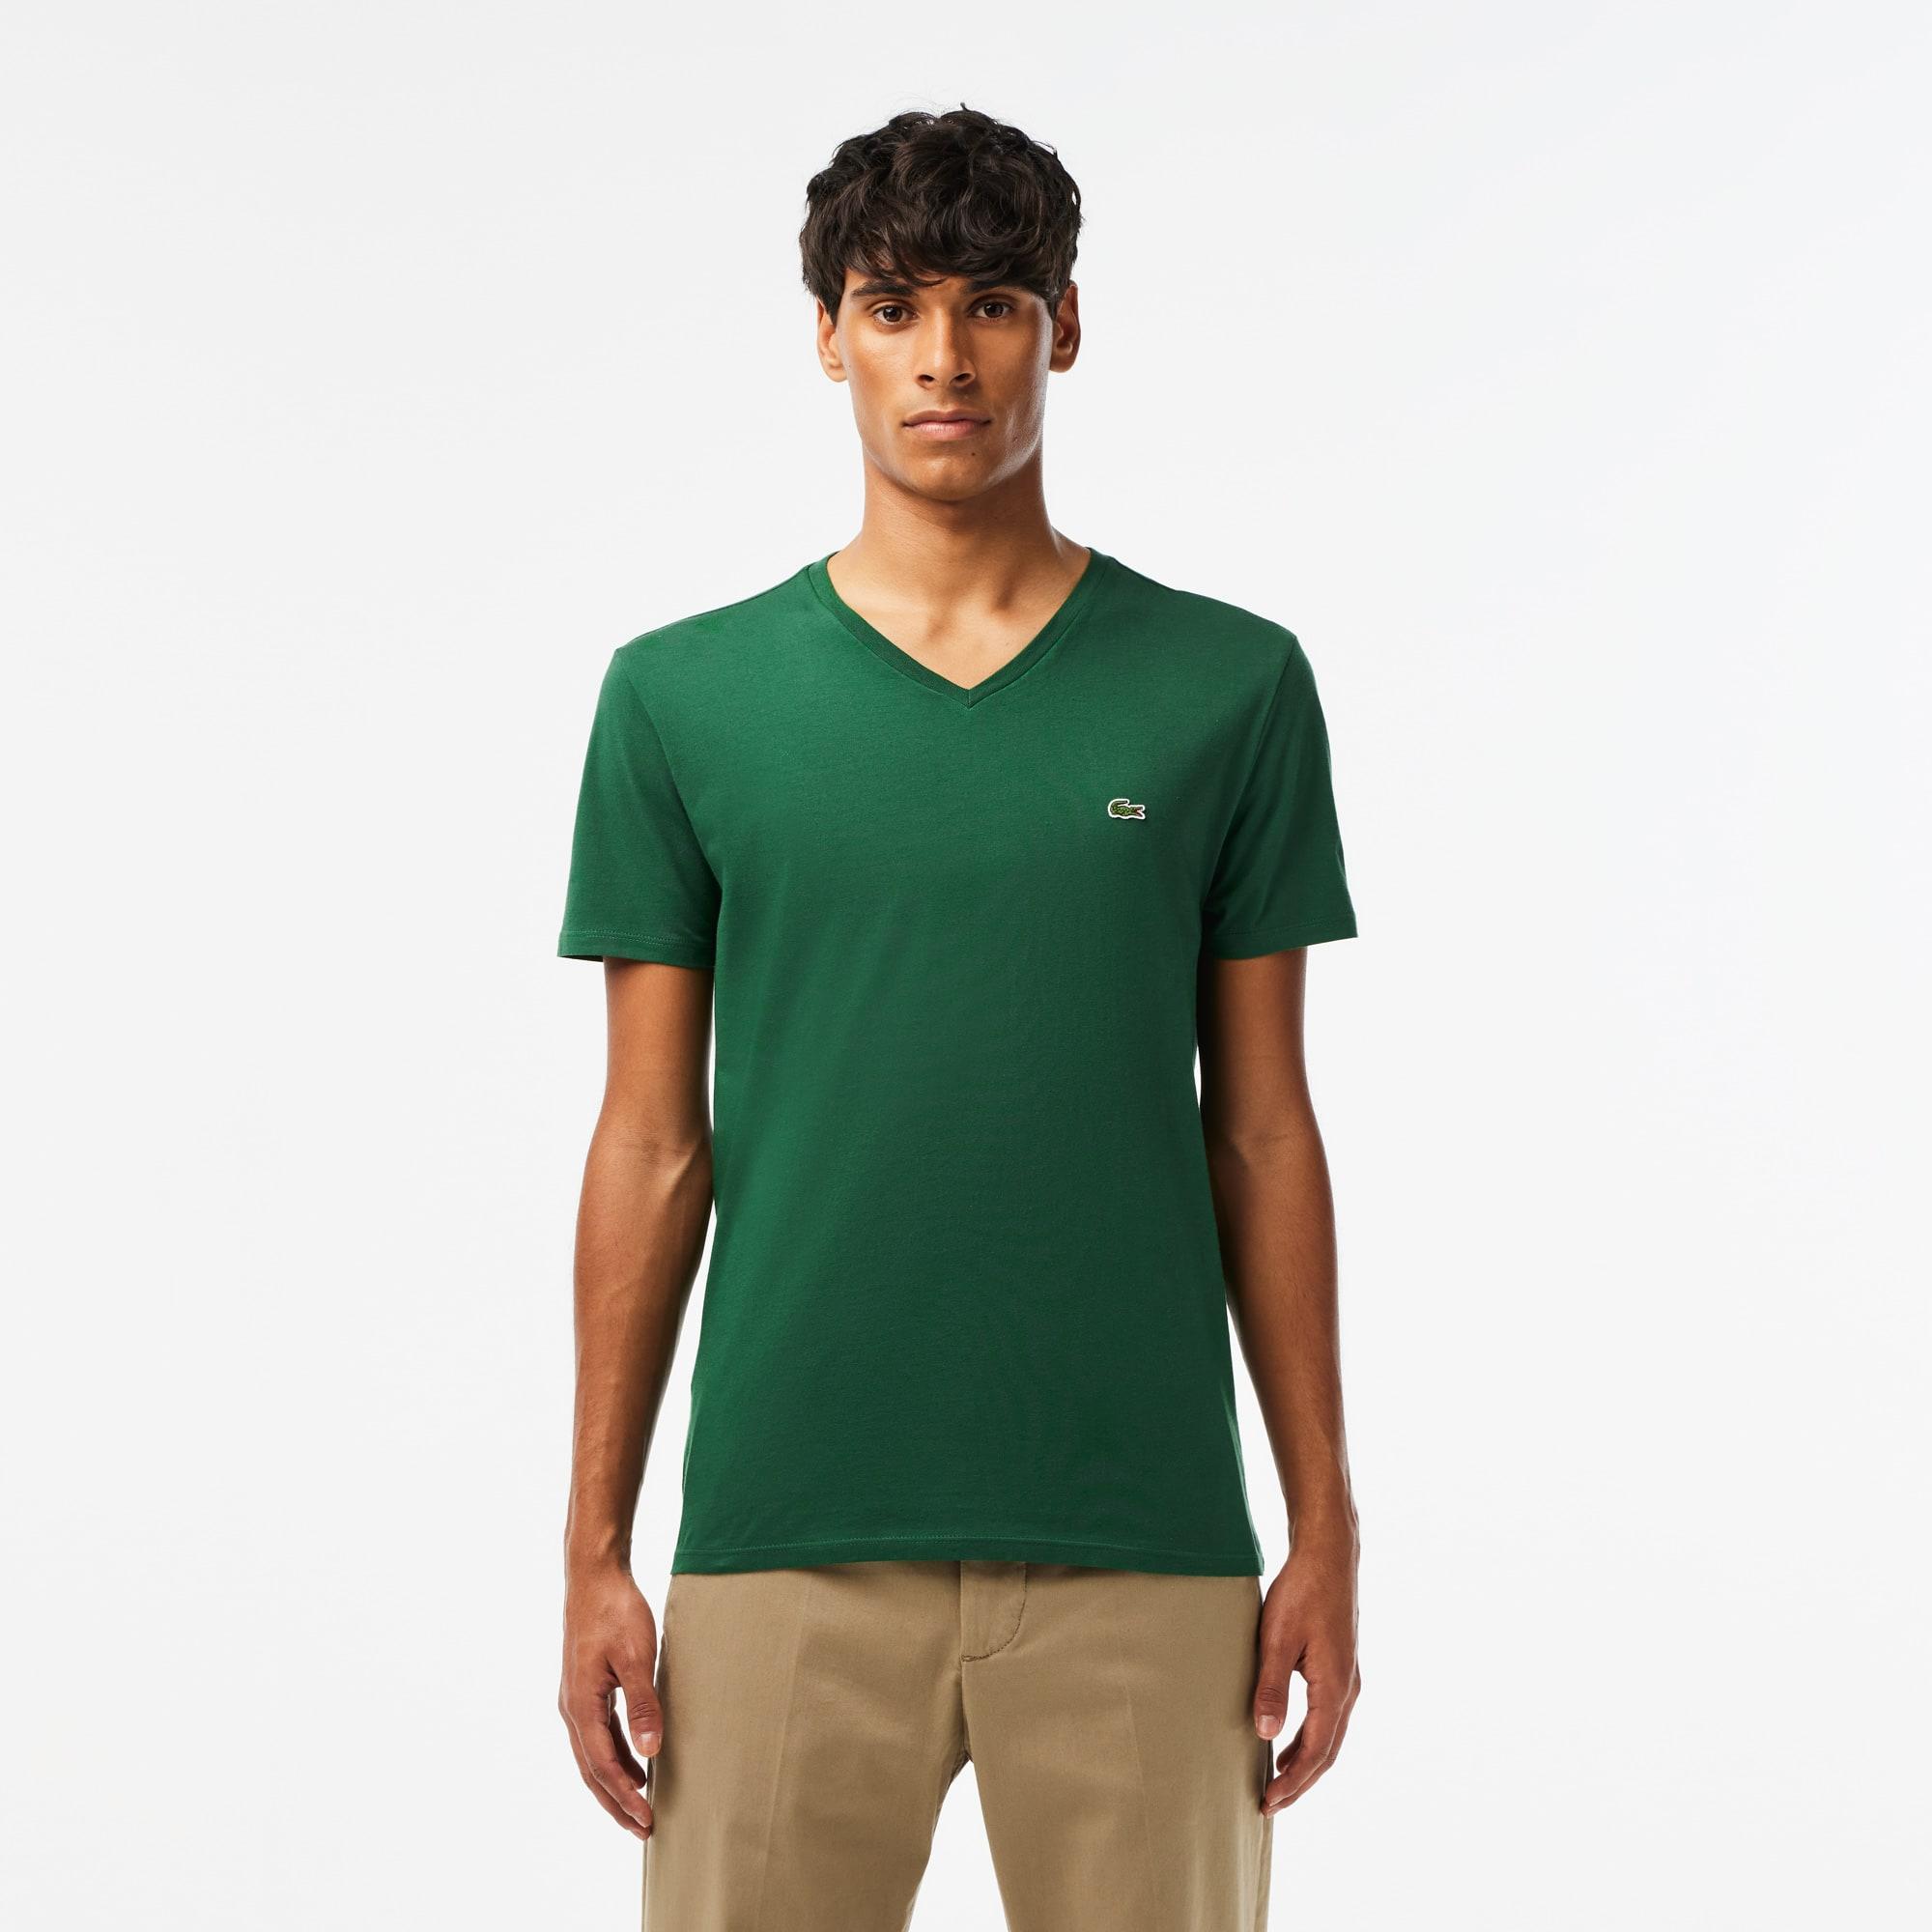 Pico Cuello Cuello Camiseta Camiseta Pico Algodón Algodón Camiseta Cuello PimaLacoste PimaLacoste j4LqR5A3